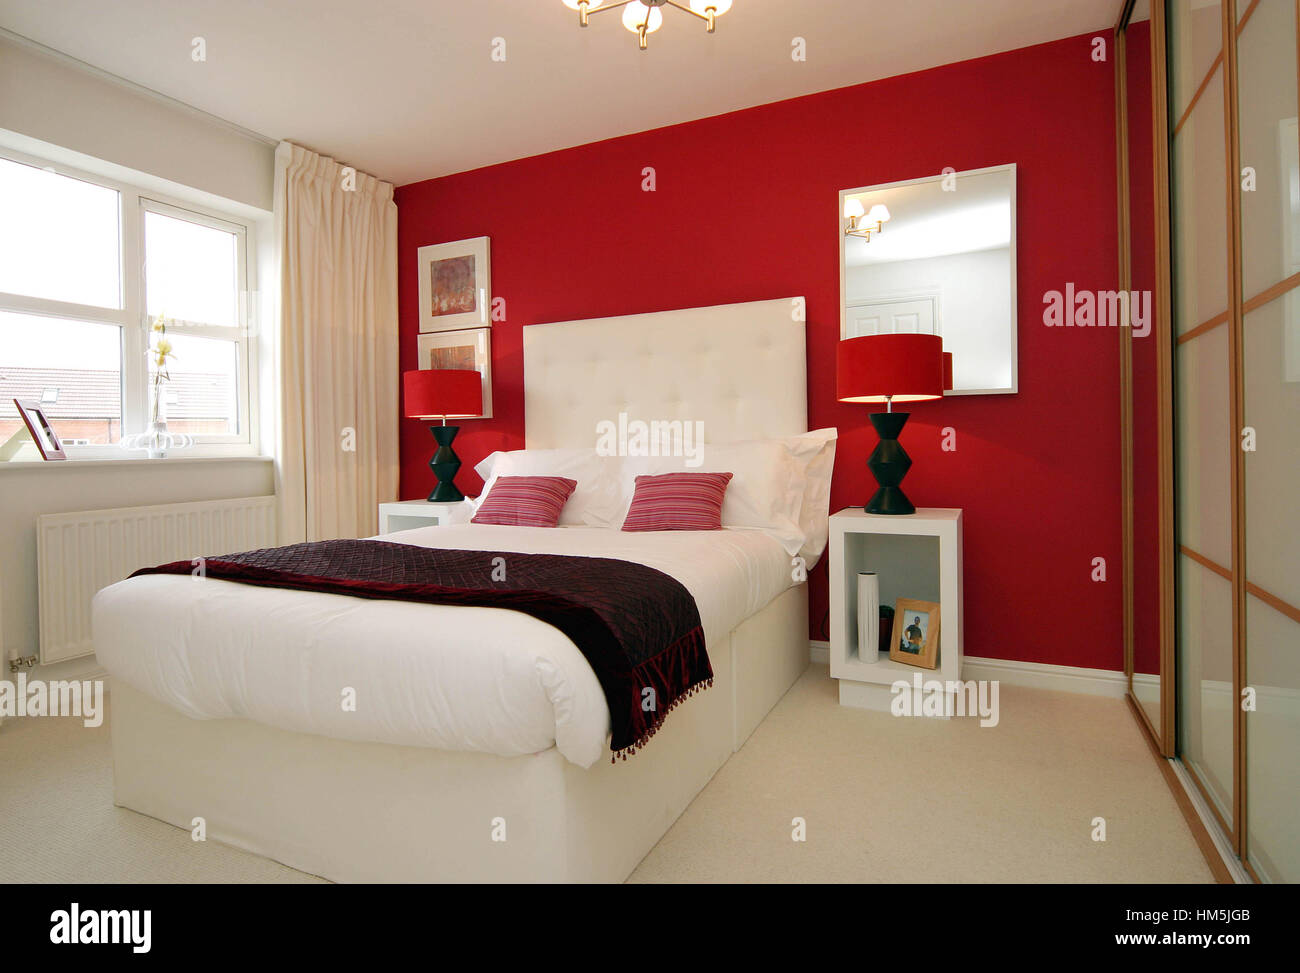 Amazing Moderne Mit Schiebetren Schranktren Rote Wand Moderne Nachttisch  Lampen With Wand Nachttisch